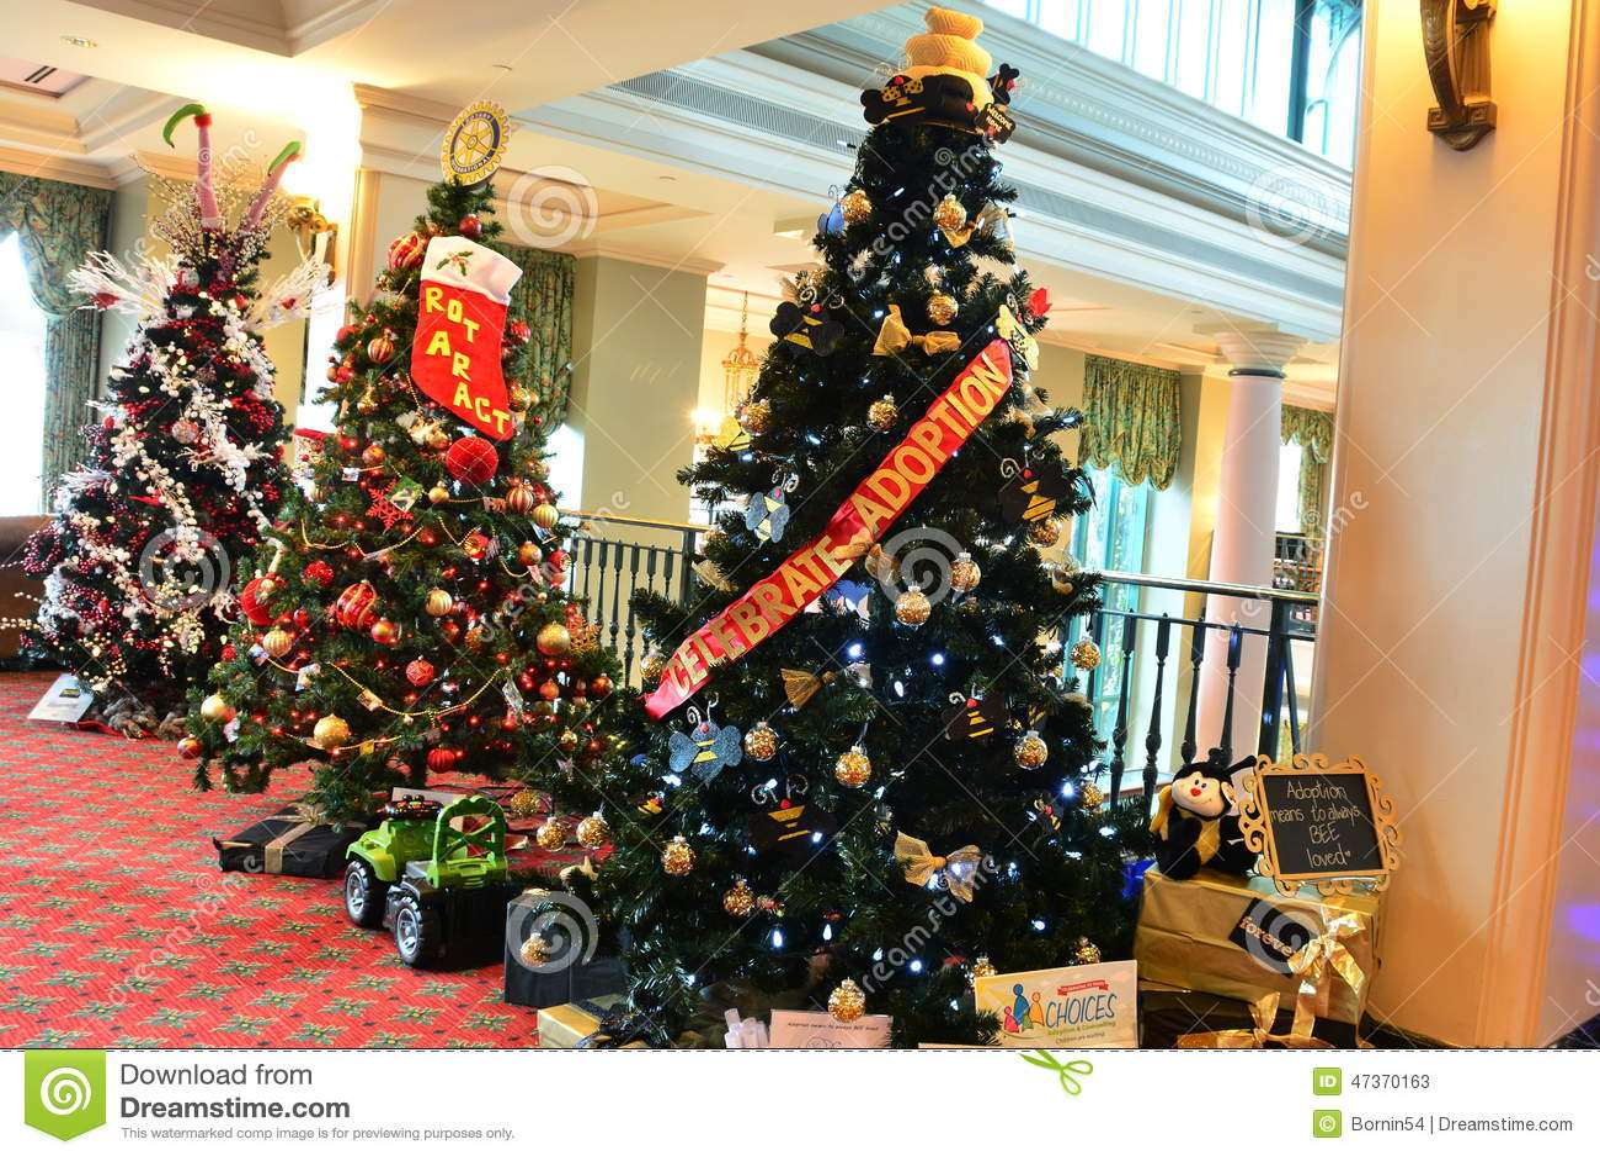 Alberi Di Natale Decorati Foto.Alberi Di Natale Decorati Su Esposizione Fotografia Stock